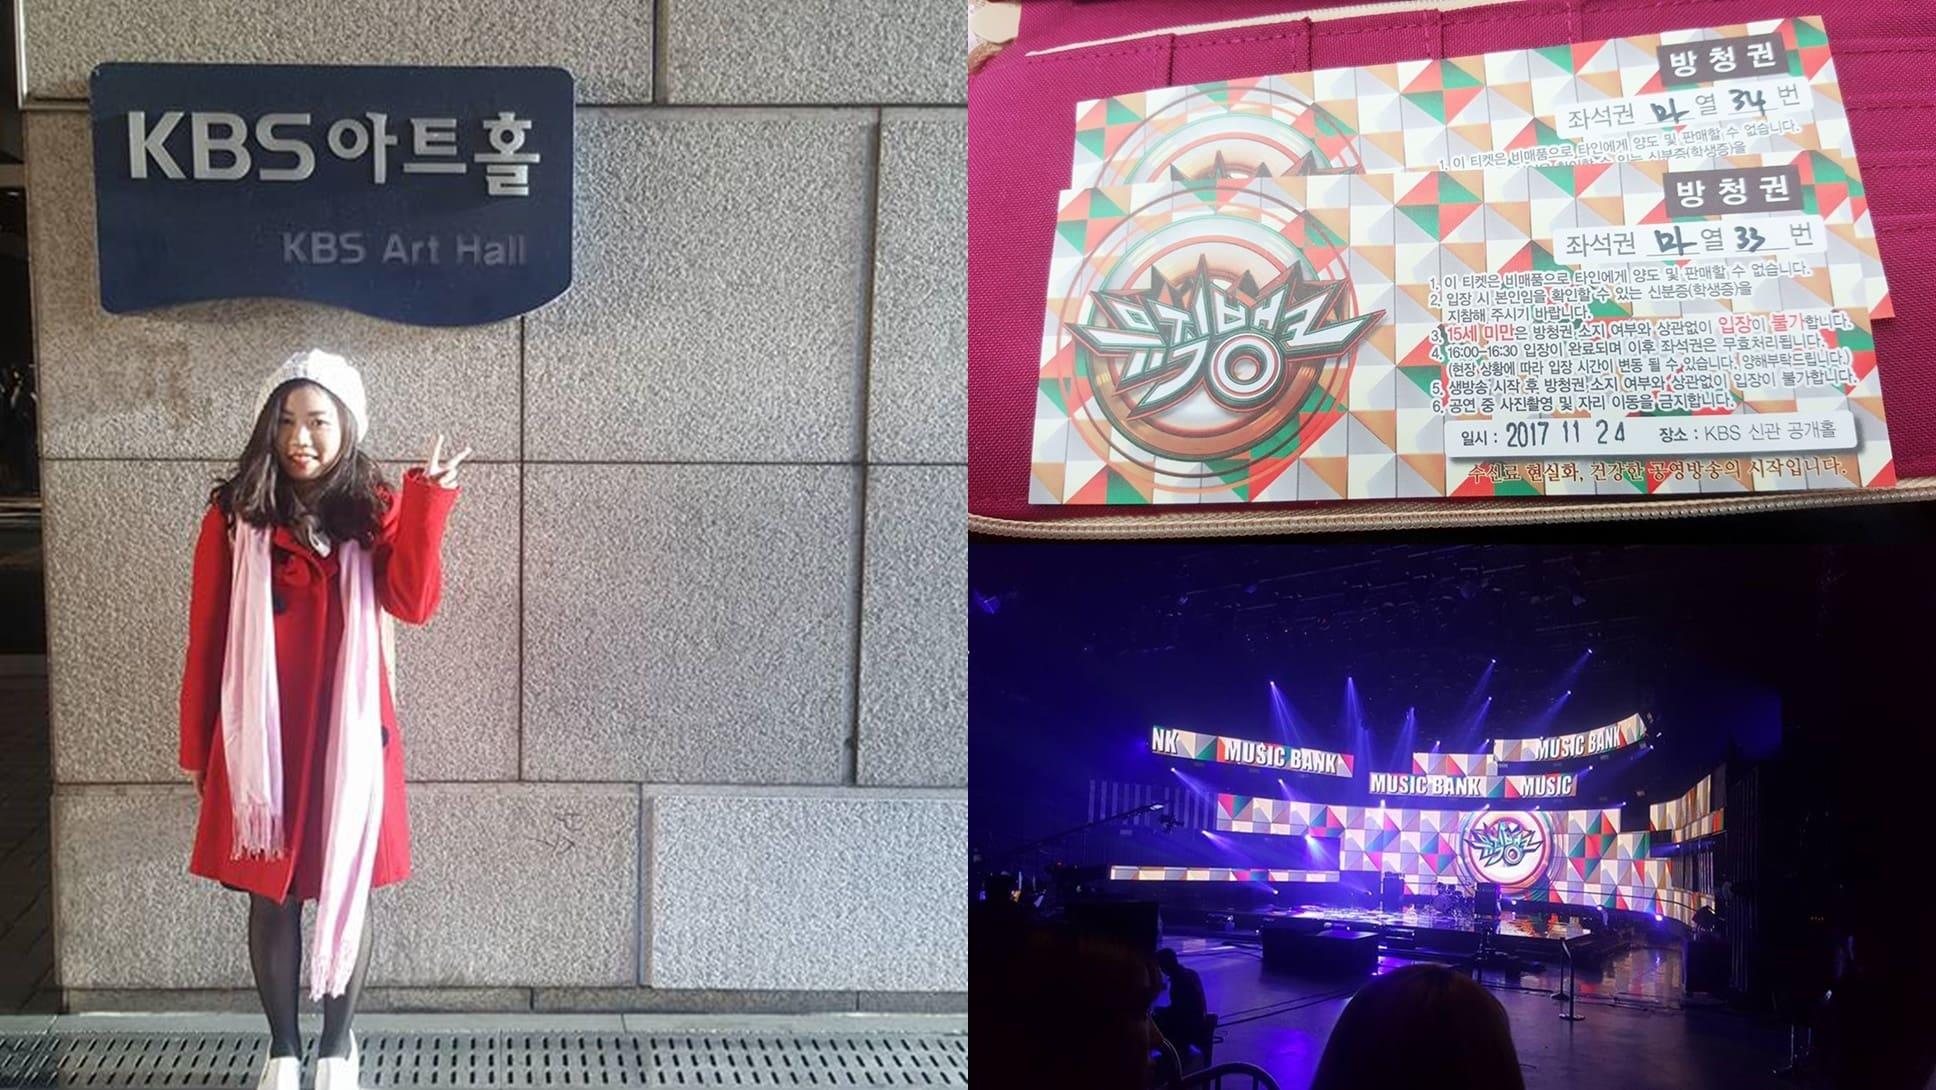 tham dự các buổi ghi hình của chương trình ca nhạc là một trải nghiệm đáng nhớ khi đi du lịch seoul